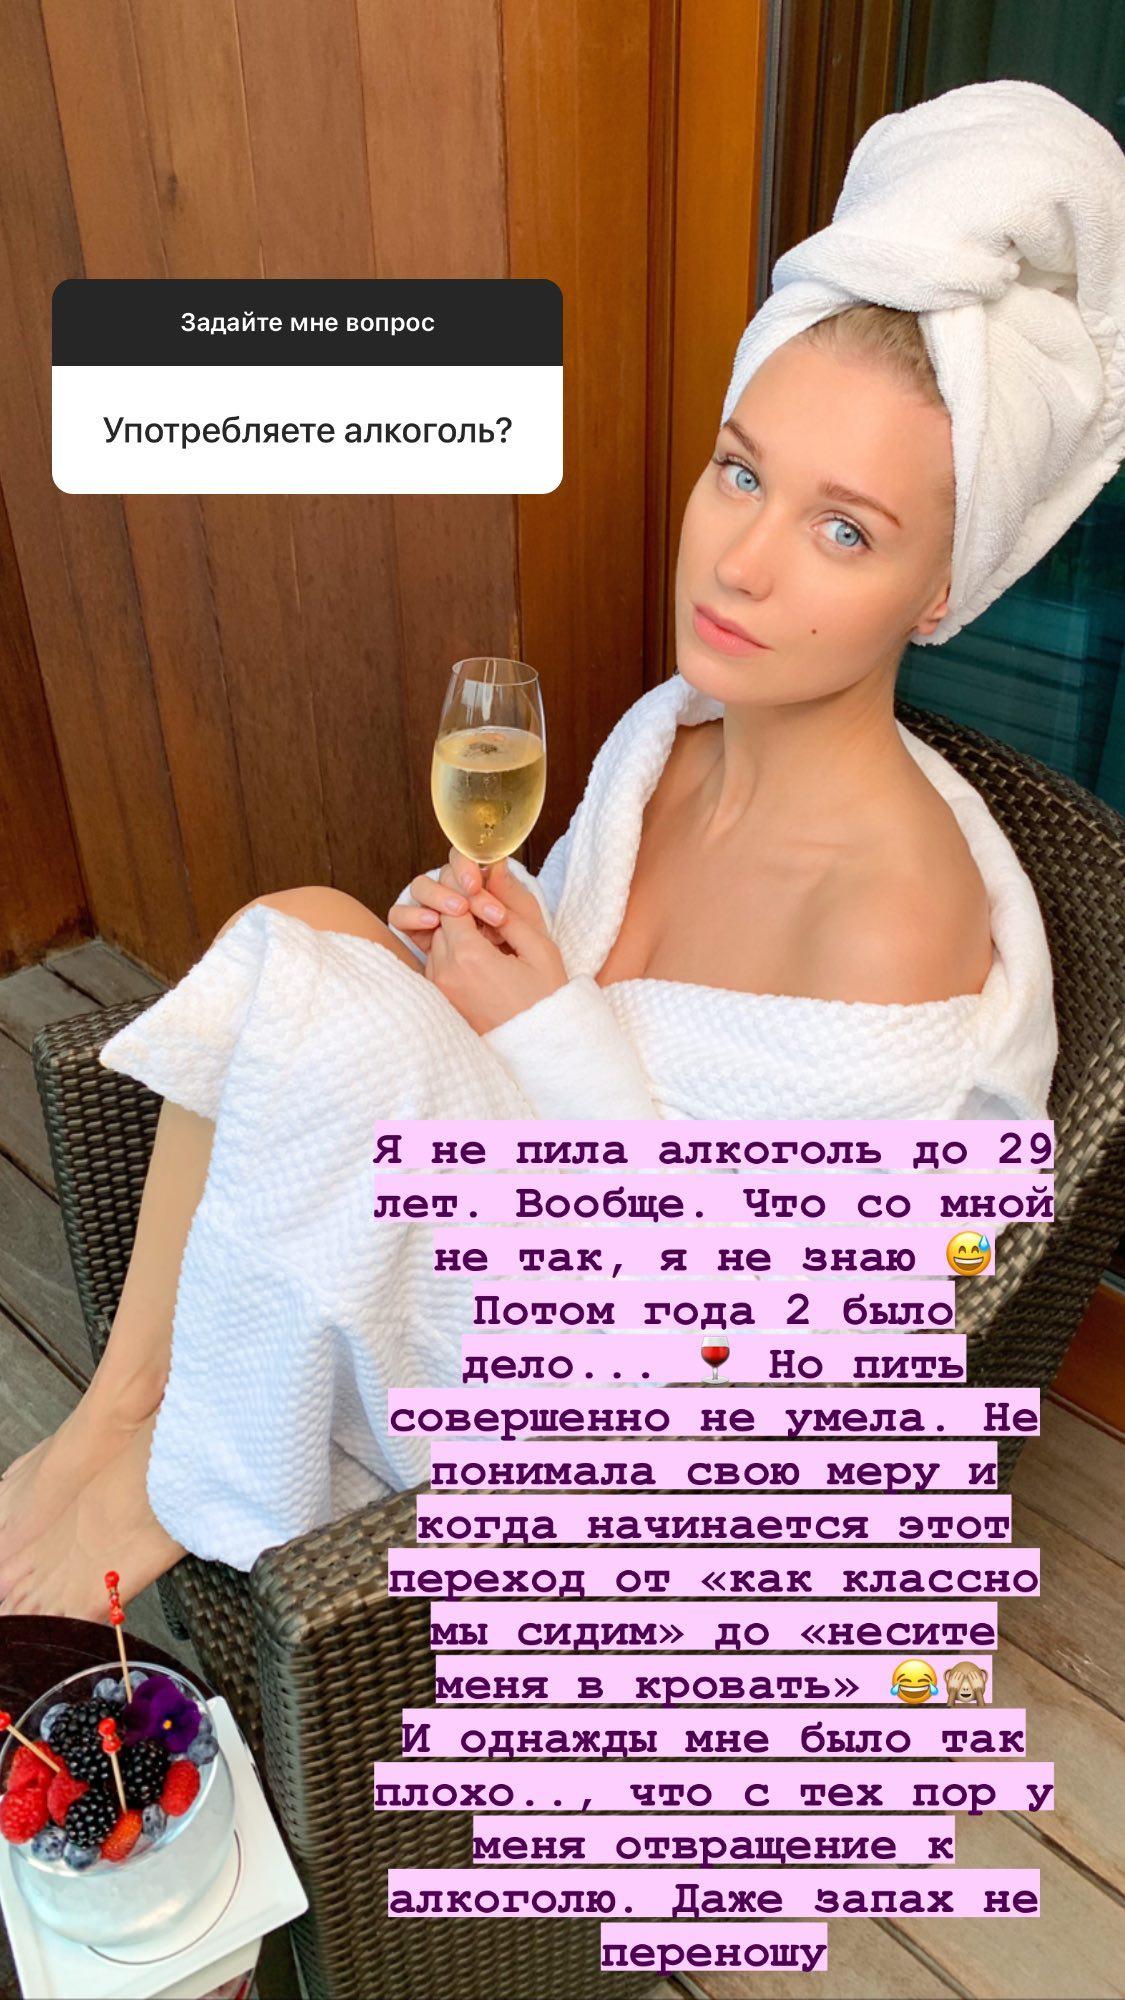 """""""Несите меня в кровать"""": Кристина Асмус призналась, до чего ее довели пьянки"""